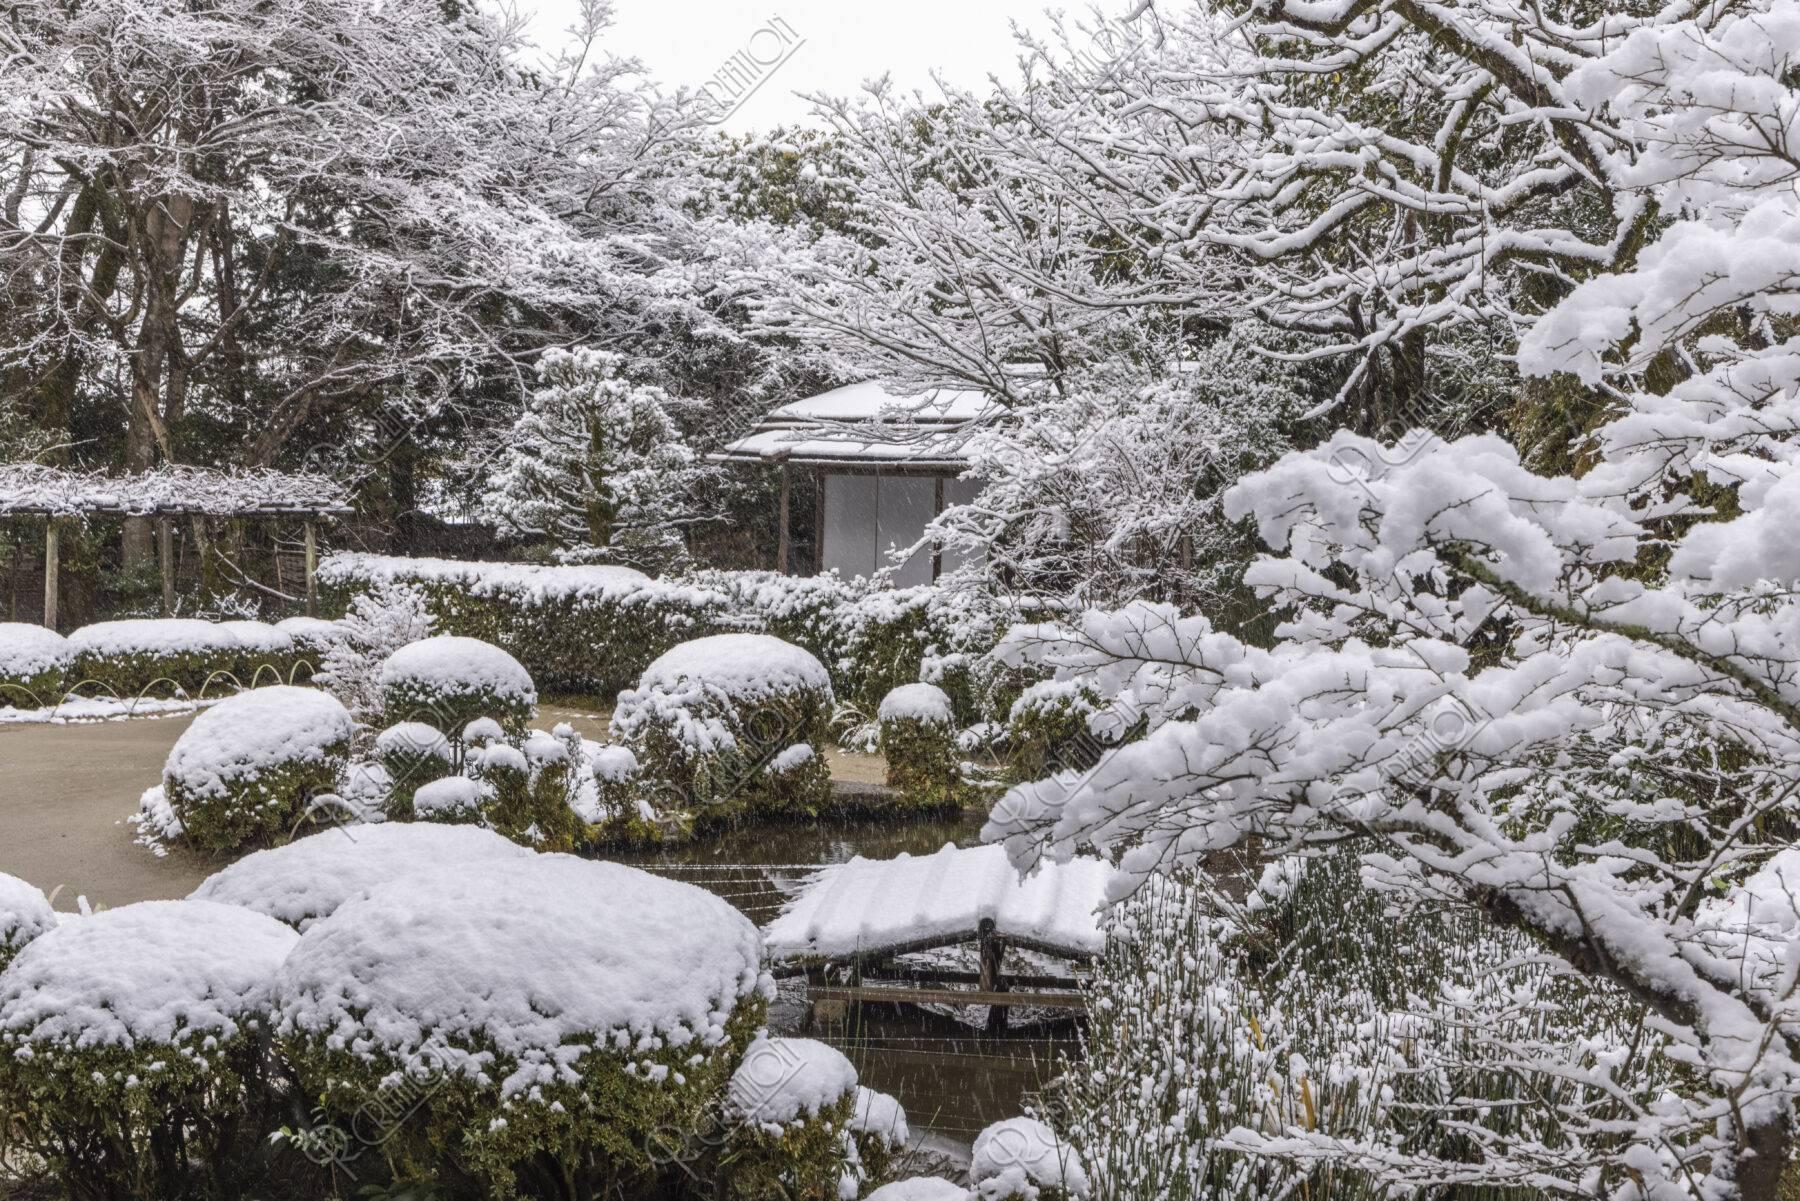 雪の詩仙堂 残月軒